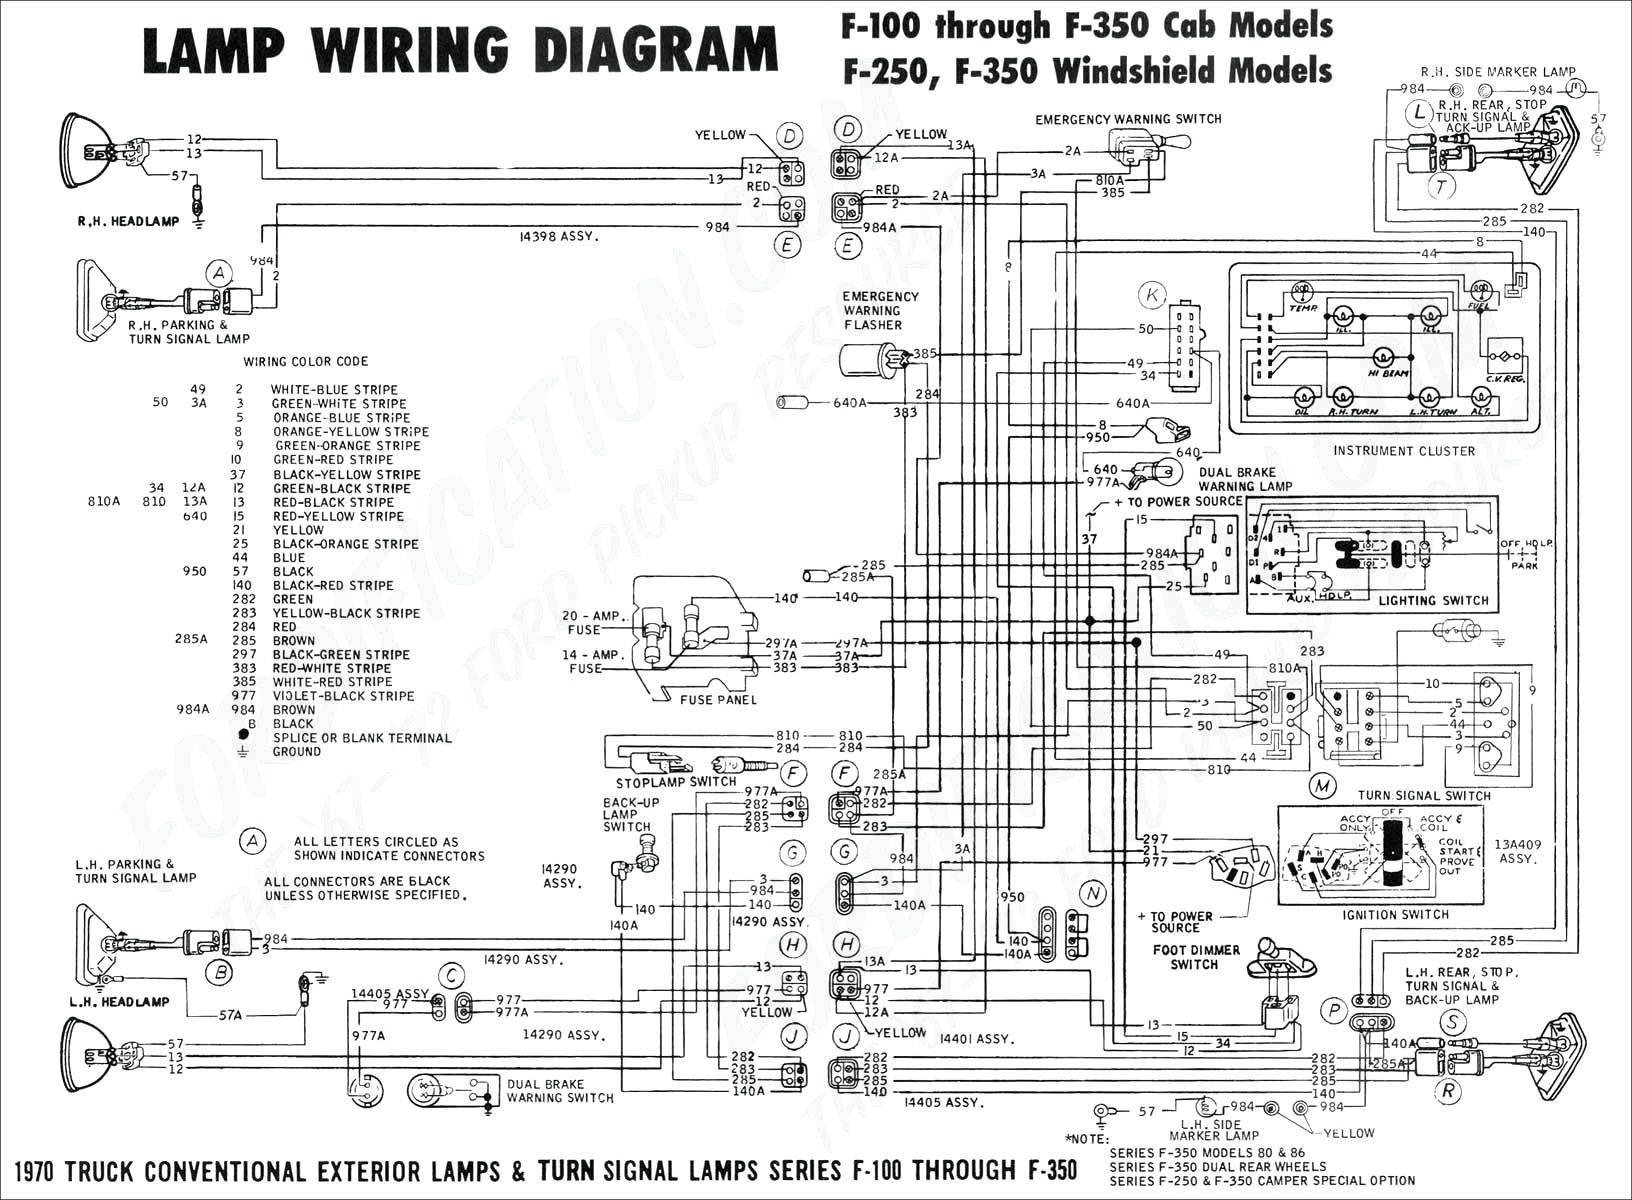 Car Fuse Box Diagram 86 Monte Carlo Fuse Box Experts Wiring Diagram • Of Car Fuse Box Diagram